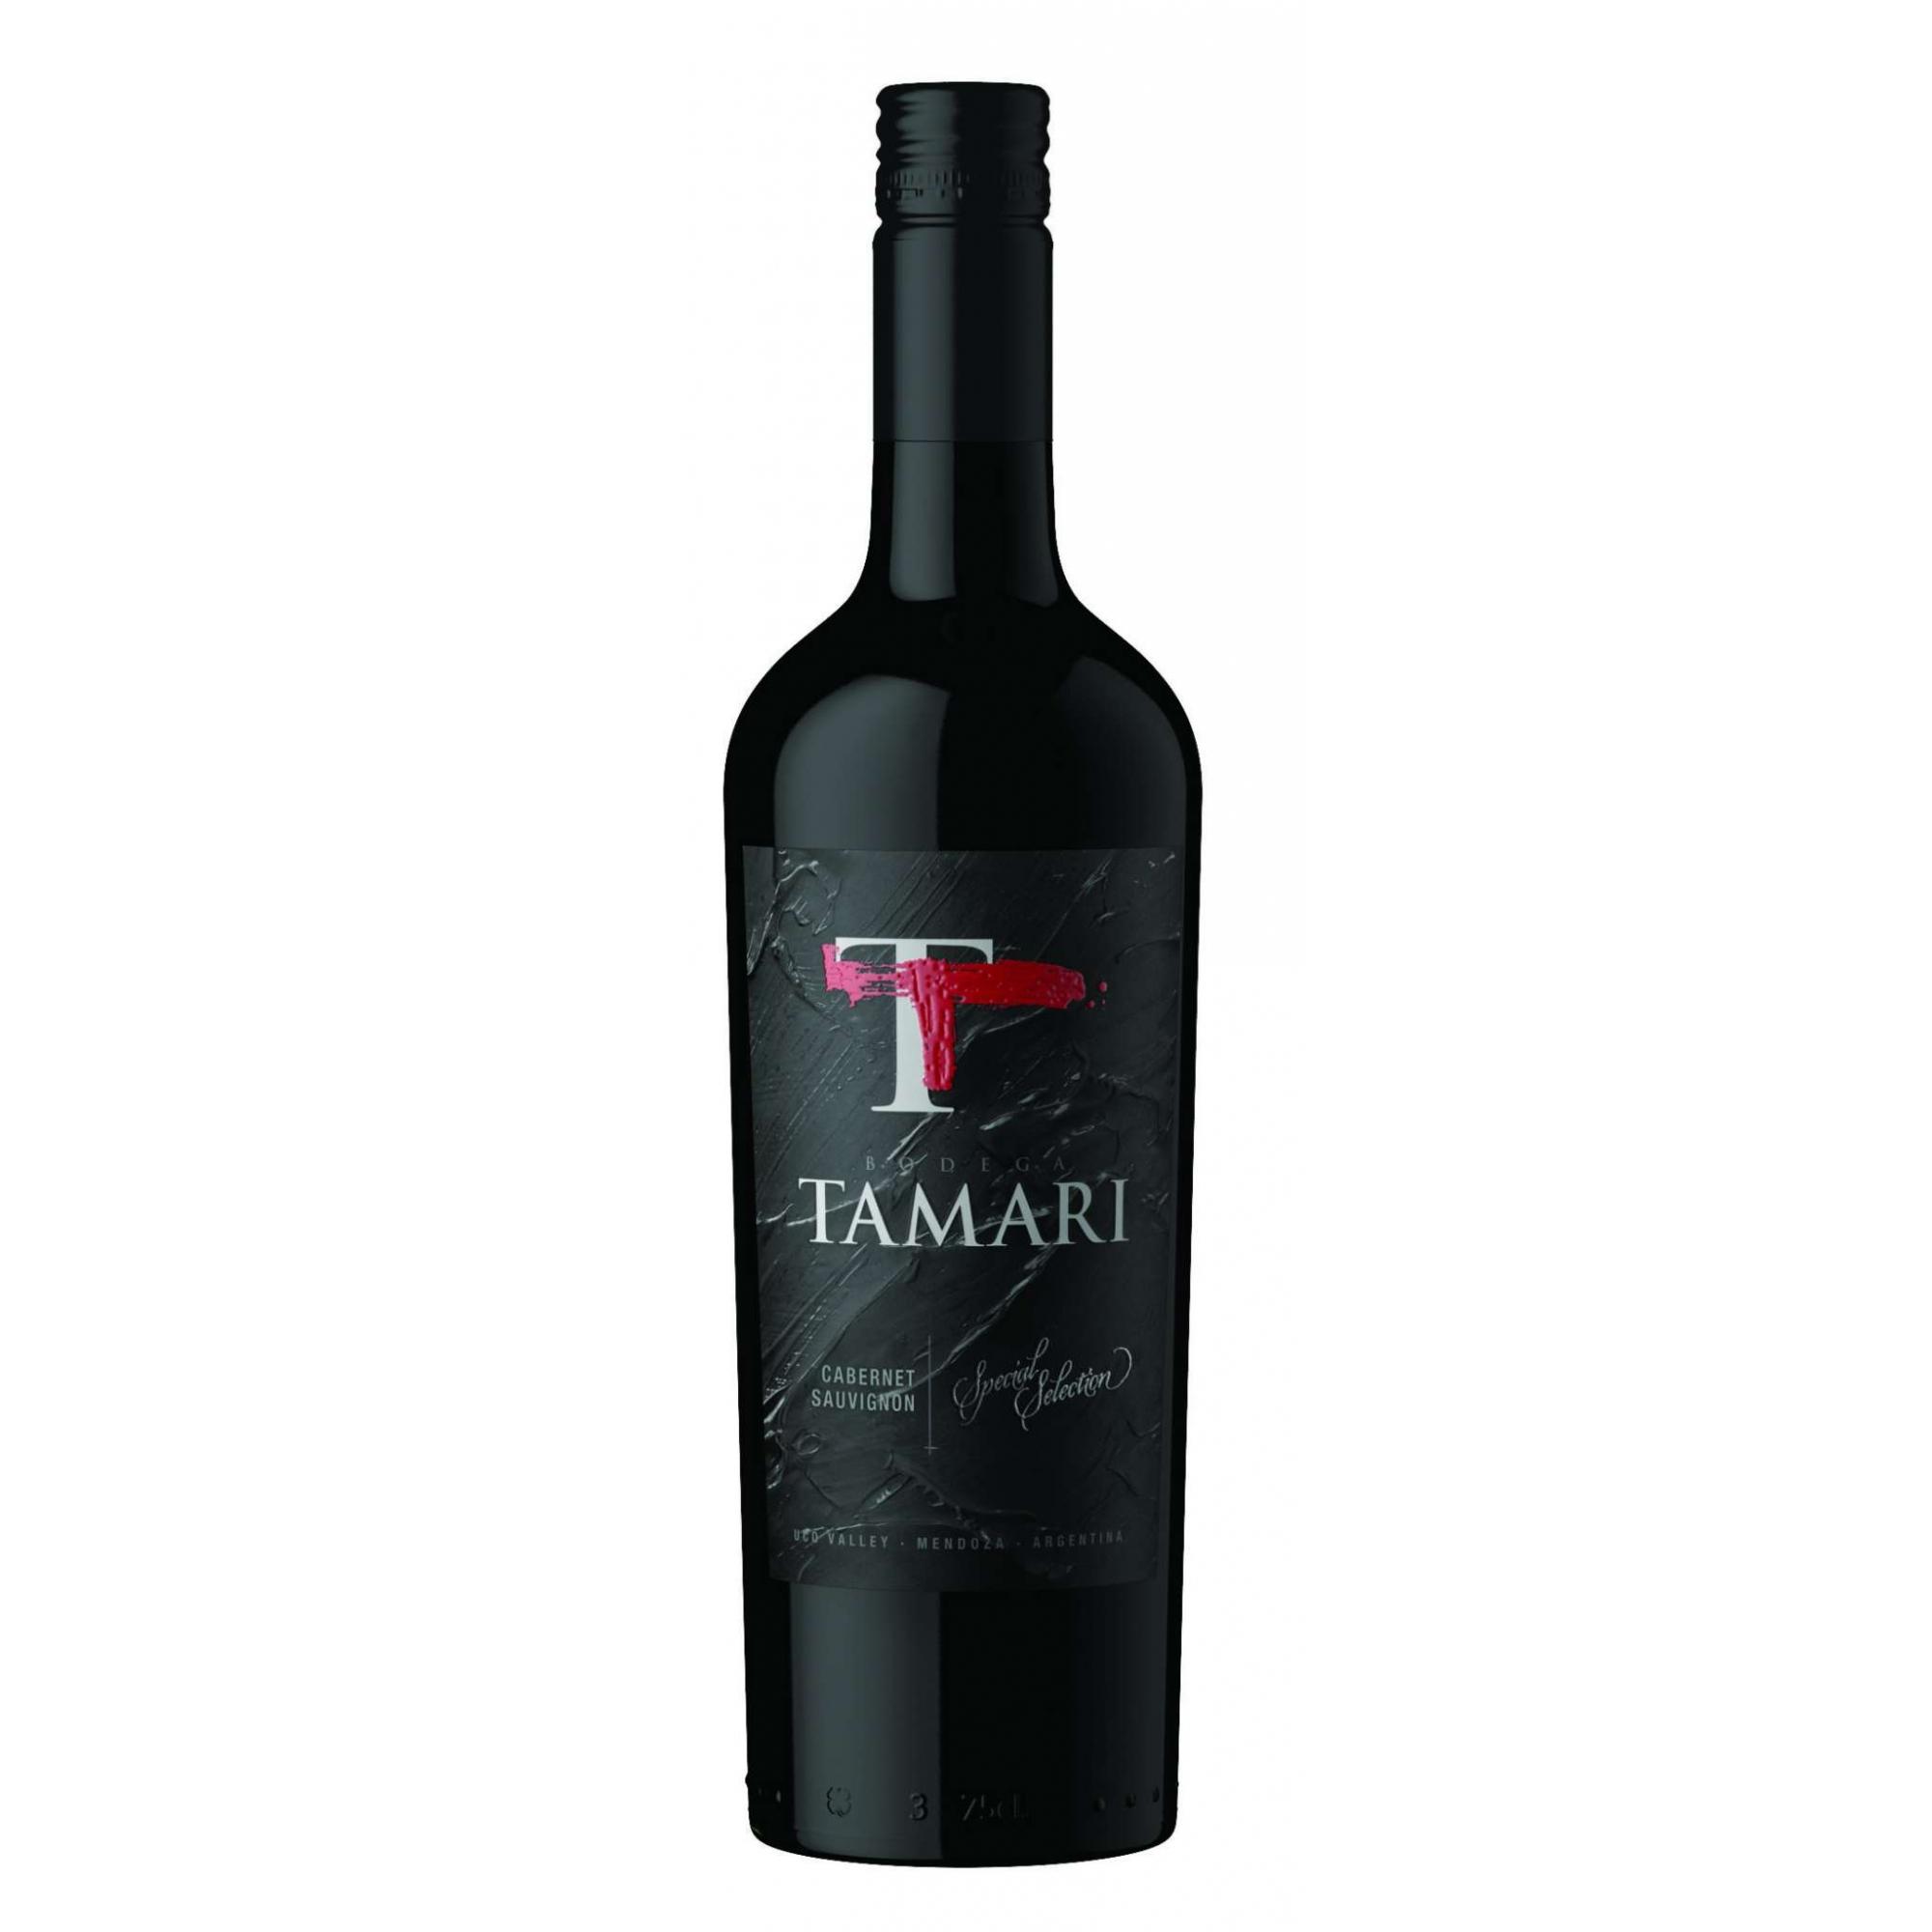 Tamarí Special Selection Reserva Cabernet Sauvignon 2017